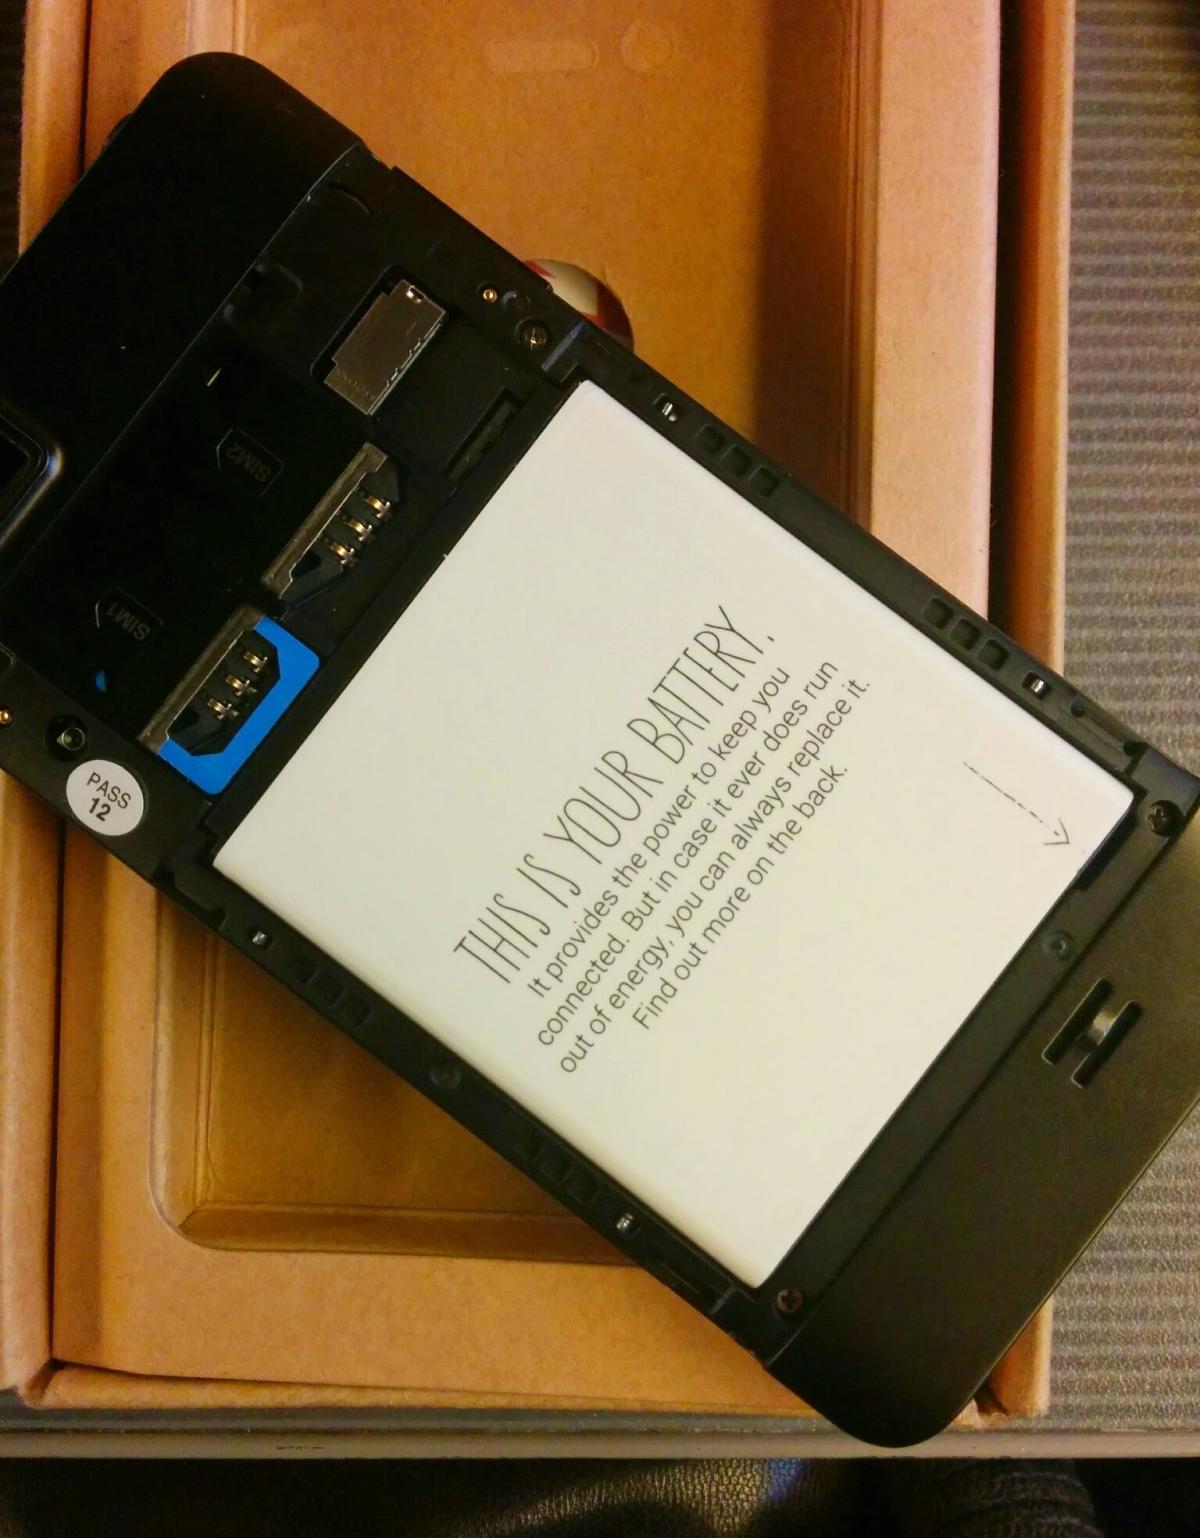 La batterie remplaçable du Fairphone.